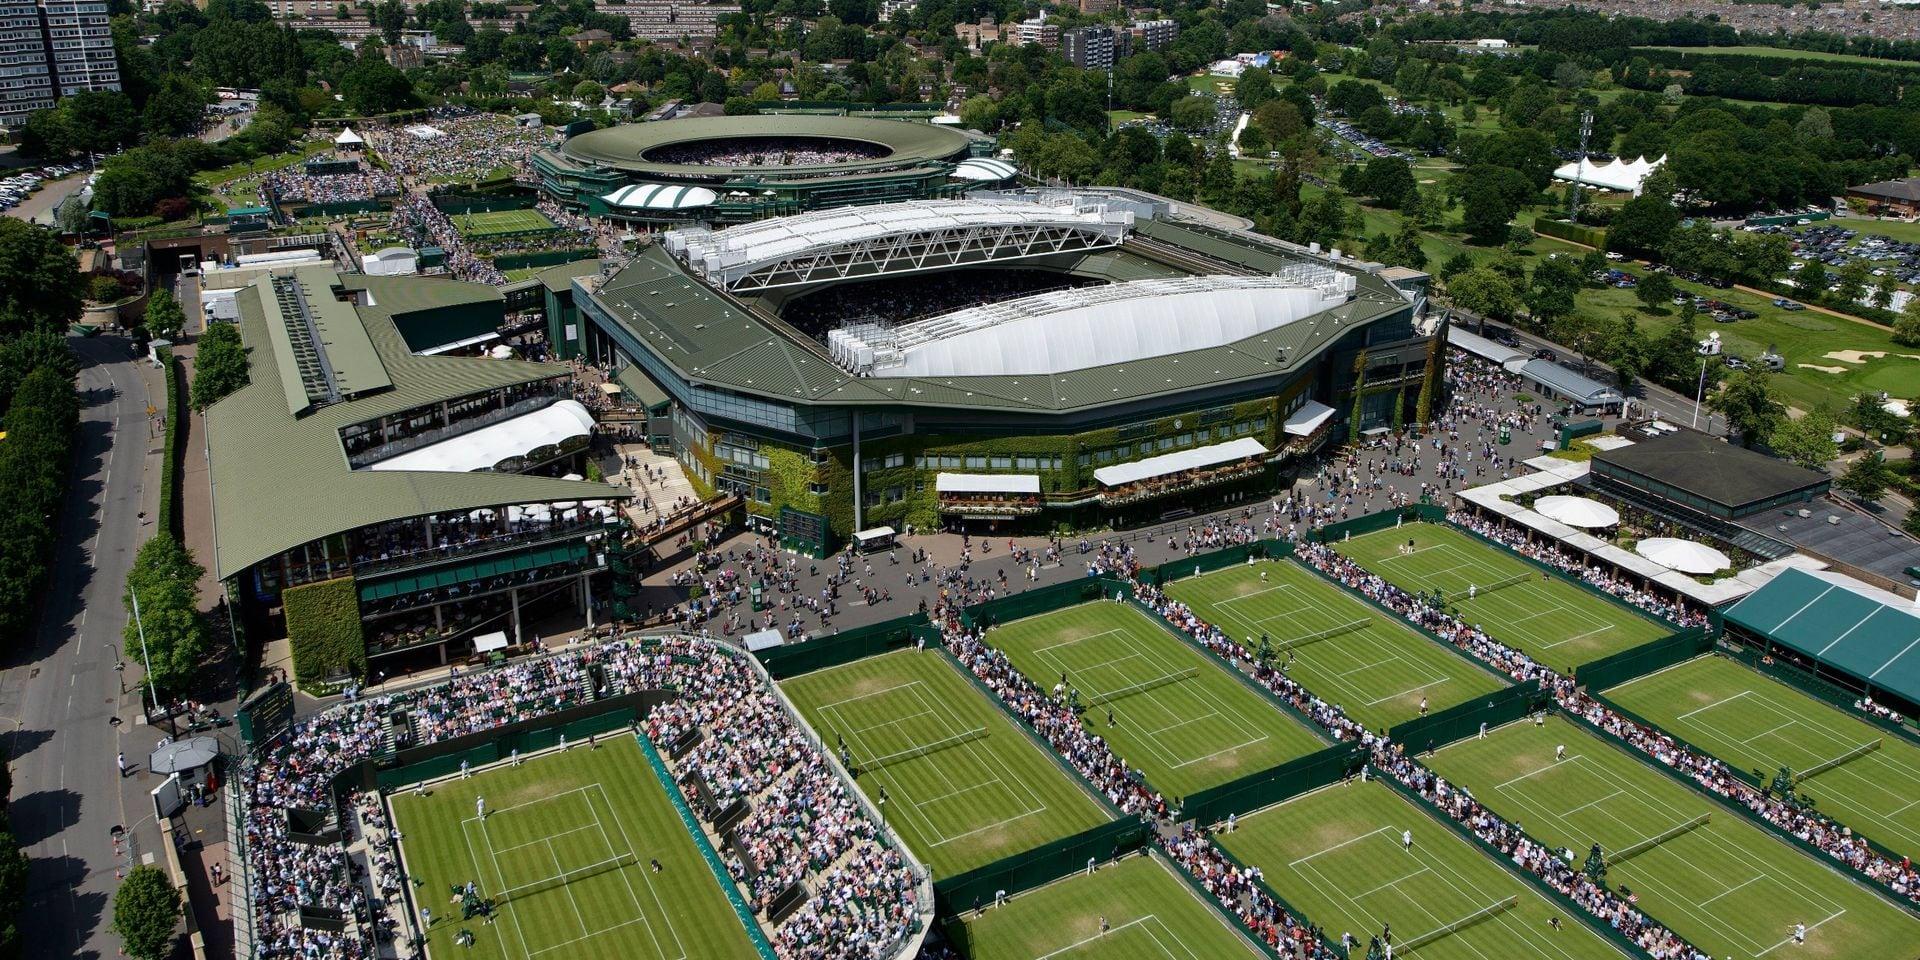 Le tournoi de Wimbledon 2020 est annulé, tout le tennis à l'arrêt jusqu'au 13 juillet